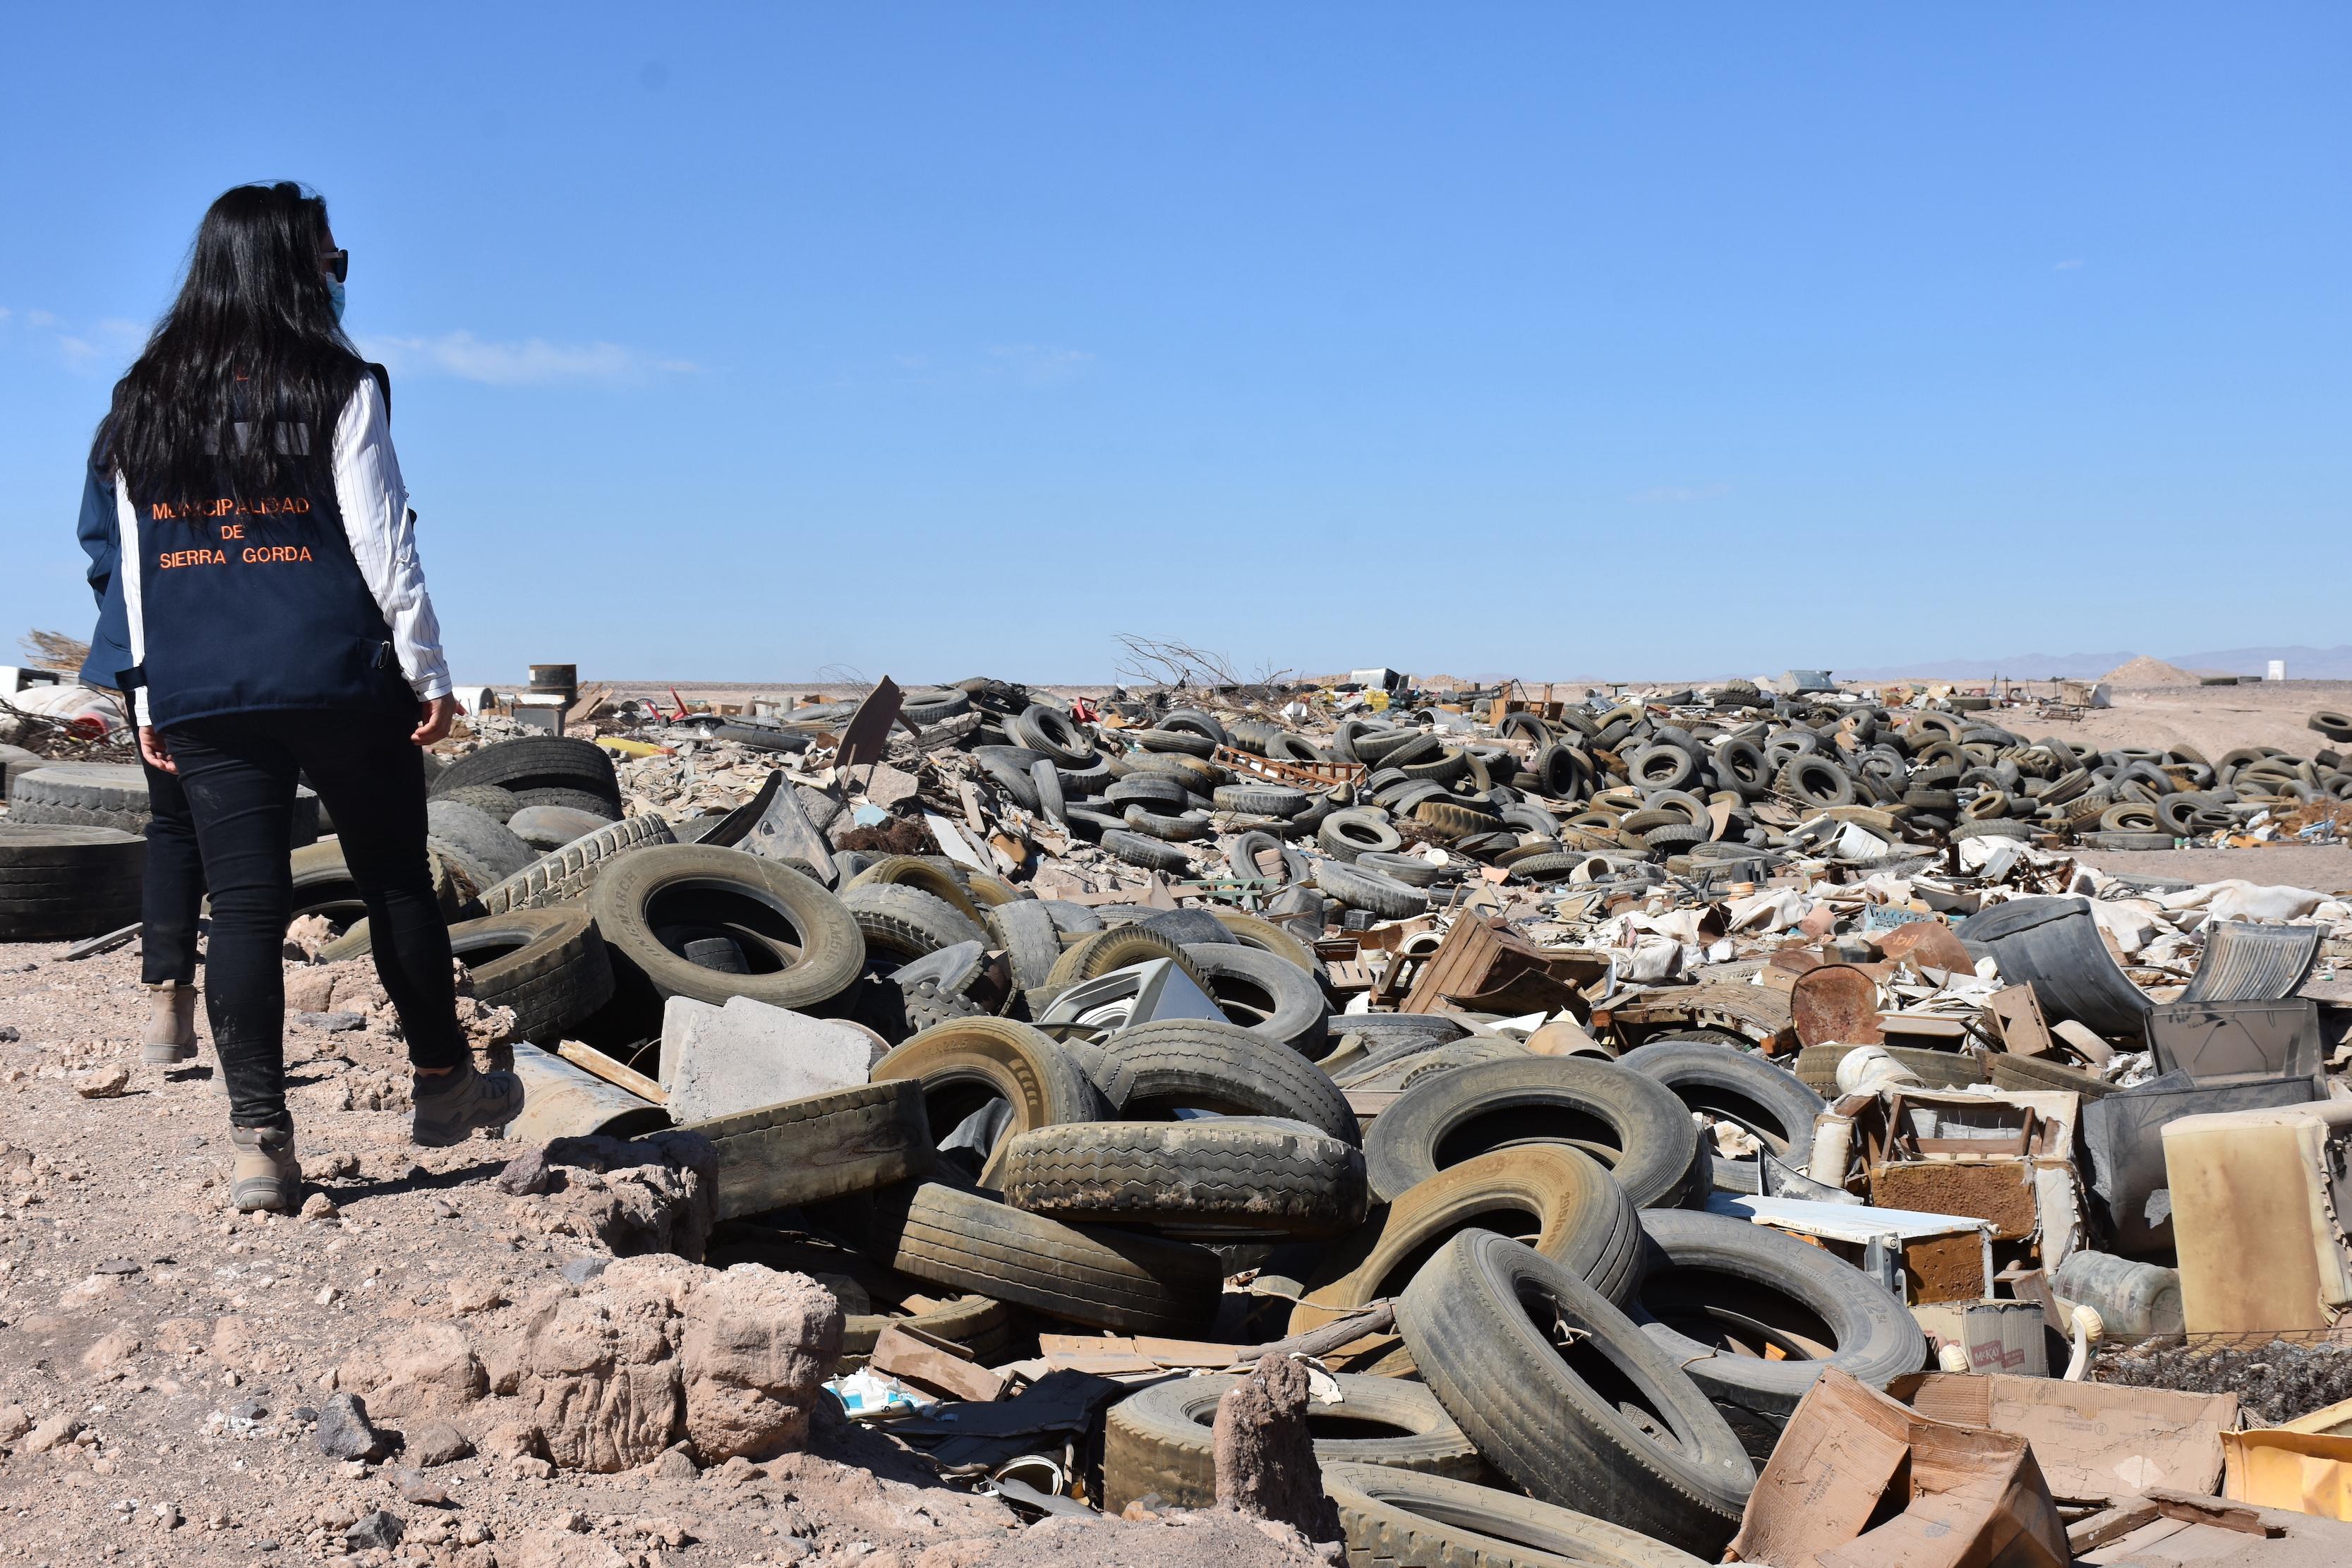 """La amenaza de la basura: Comunidad de Sierra Gorda denuncia inminente crisis sanitaria… ¿Un nuevo """"Chaqueta Blanca?"""